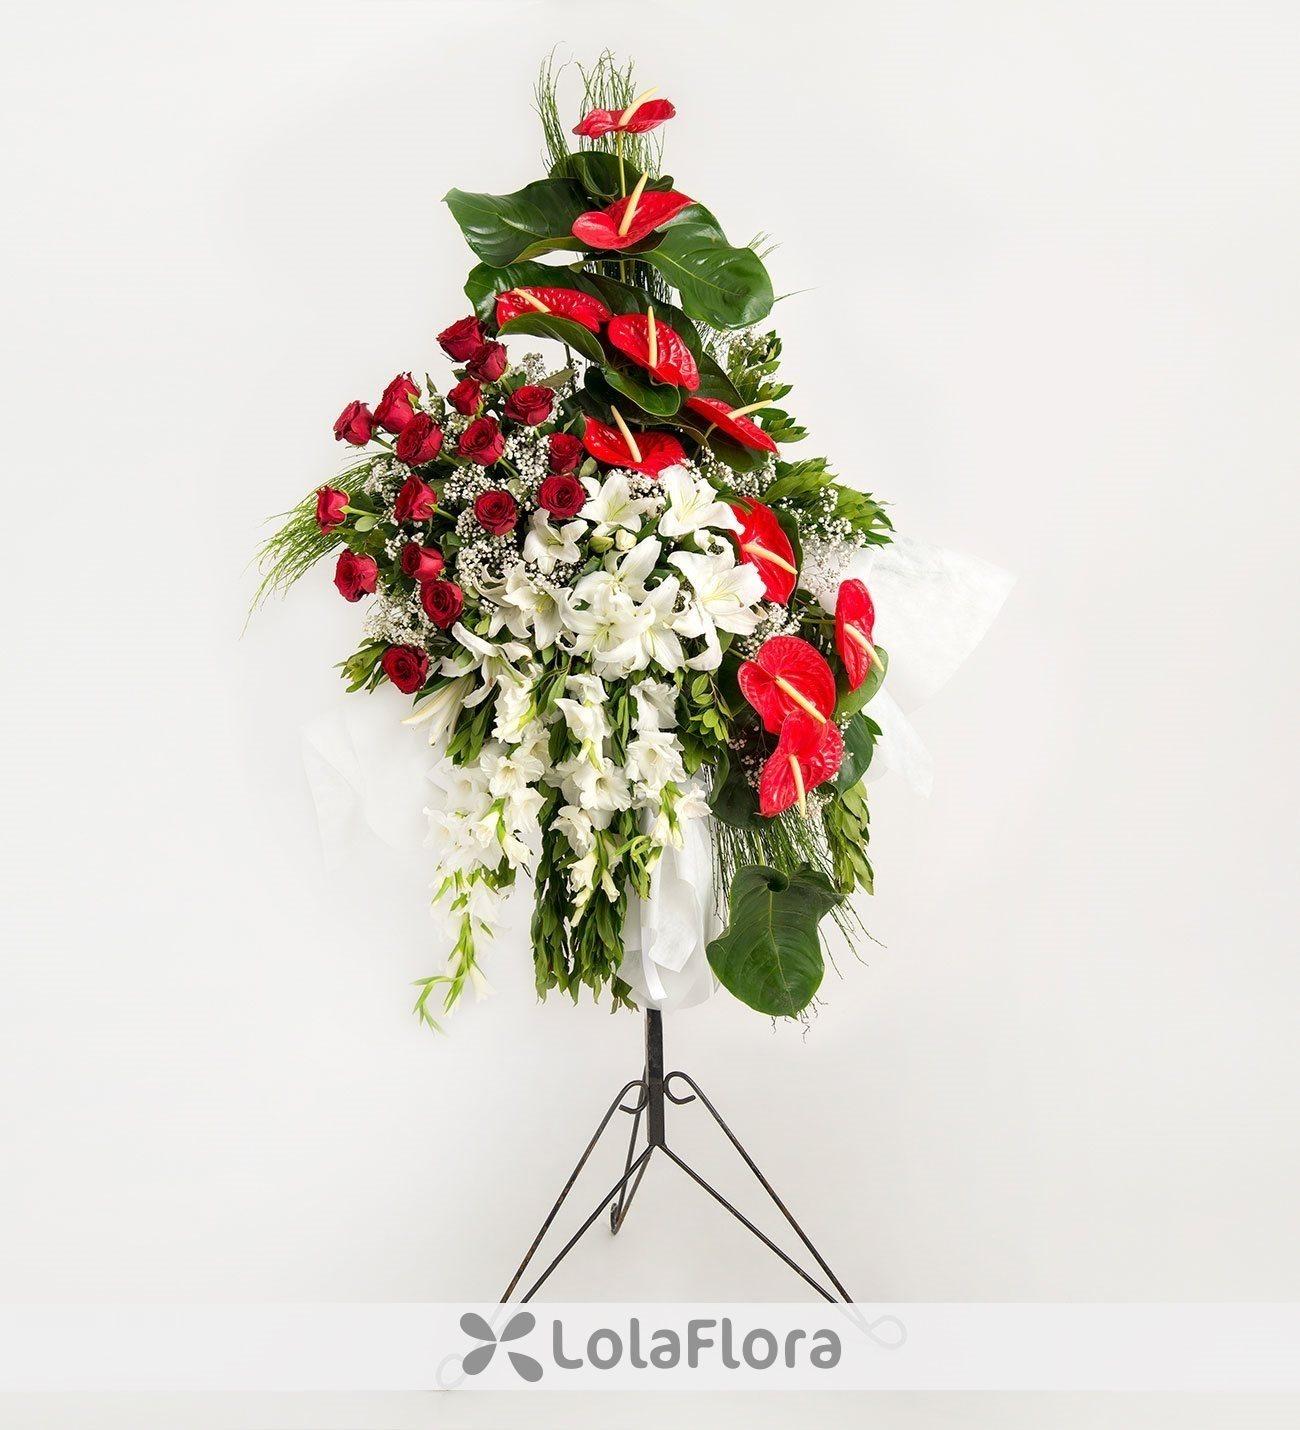 Anthurium Arrangement Mixed Flower Bouquet Lolaflora